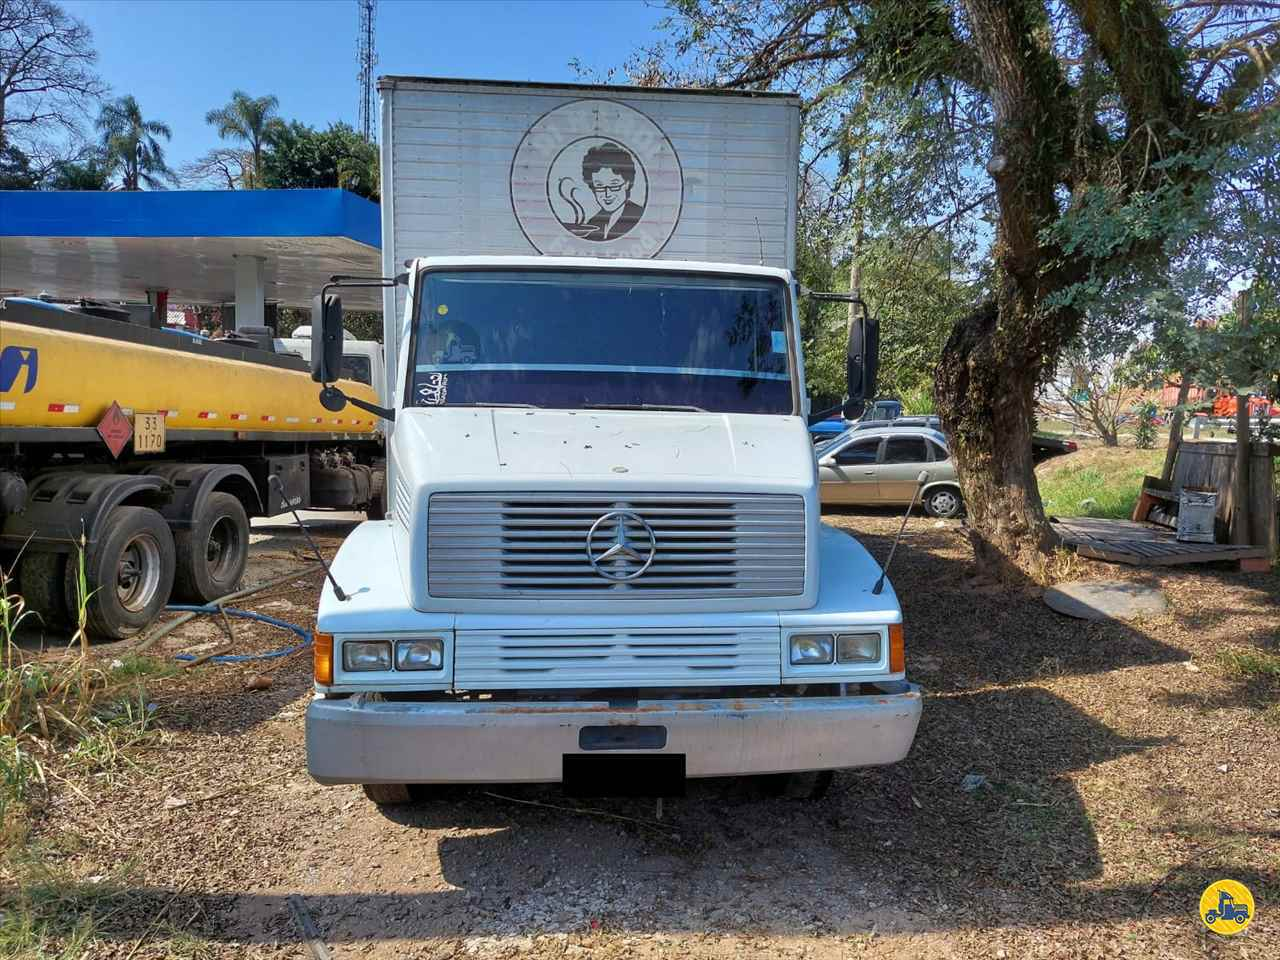 CAMINHAO MERCEDES-BENZ MB 1218 Baú Furgão Truck 6x2 Wilson Caminhões RIBEIRAO PIRES SÃO PAULO SP